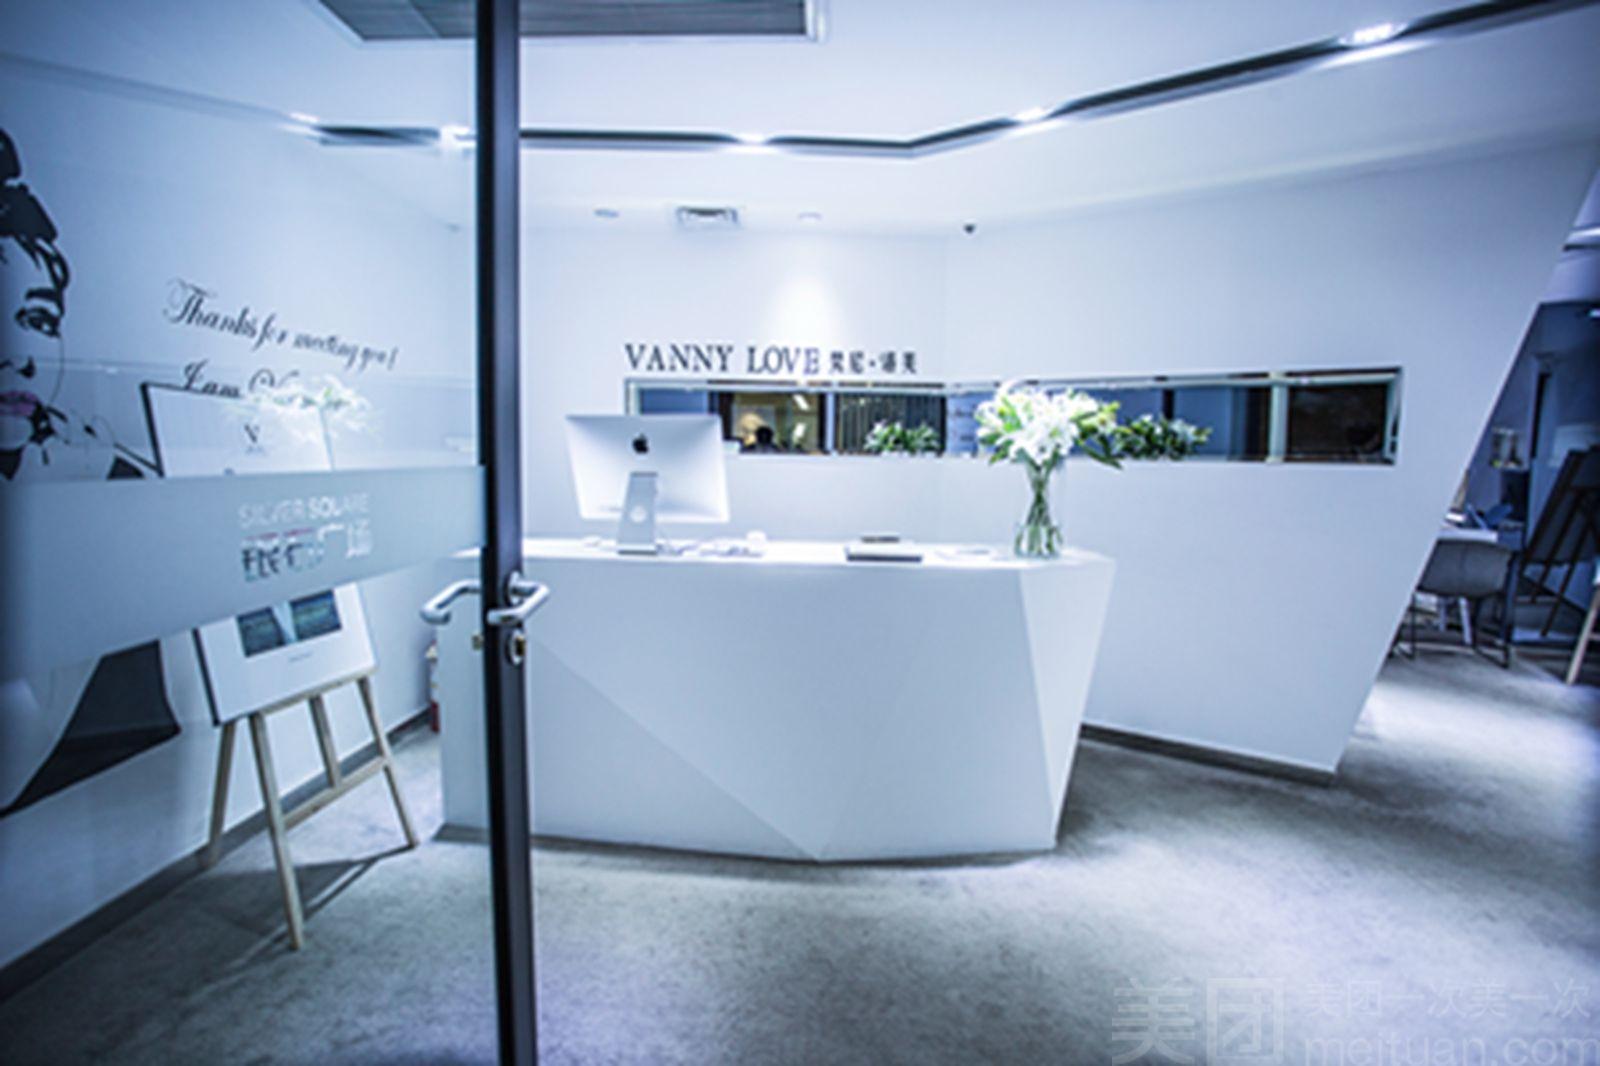 梵尼洛芙 (vannylove), 国内轻奢珠宝设计定制品牌,传承法国及意大利钻石珠宝文化,倡导轻奢华 新时尚 ,服务于追求完美品质和个性定制的年轻客户,凭借其高品质的产品和原创设计迅速获得年轻用户的青睐。产品系列 :经典传承系列(简约)、轻奢公主系列(年轻优雅)、洛可可女王系列(复古高贵)